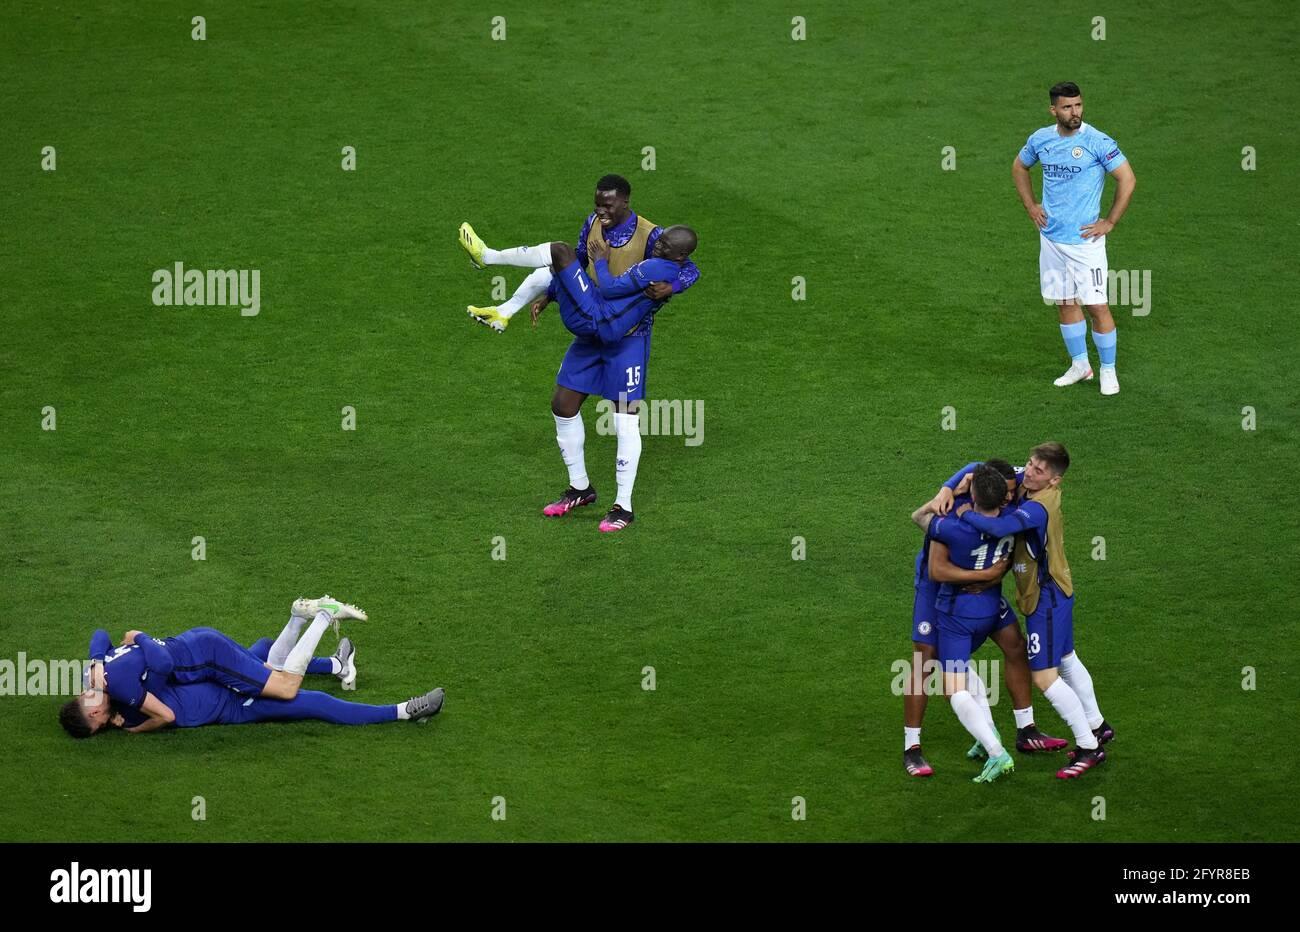 Chelsea-Spieler feiern den Sieg, da Sergio Aguero von Manchester City (rechts) nach dem UEFA Champions League-Finale im Estadio do Dragao in Porto, Portugal, niedergeschlagen erscheint. Bilddatum: Samstag, 29. Mai 2021. Stockfoto